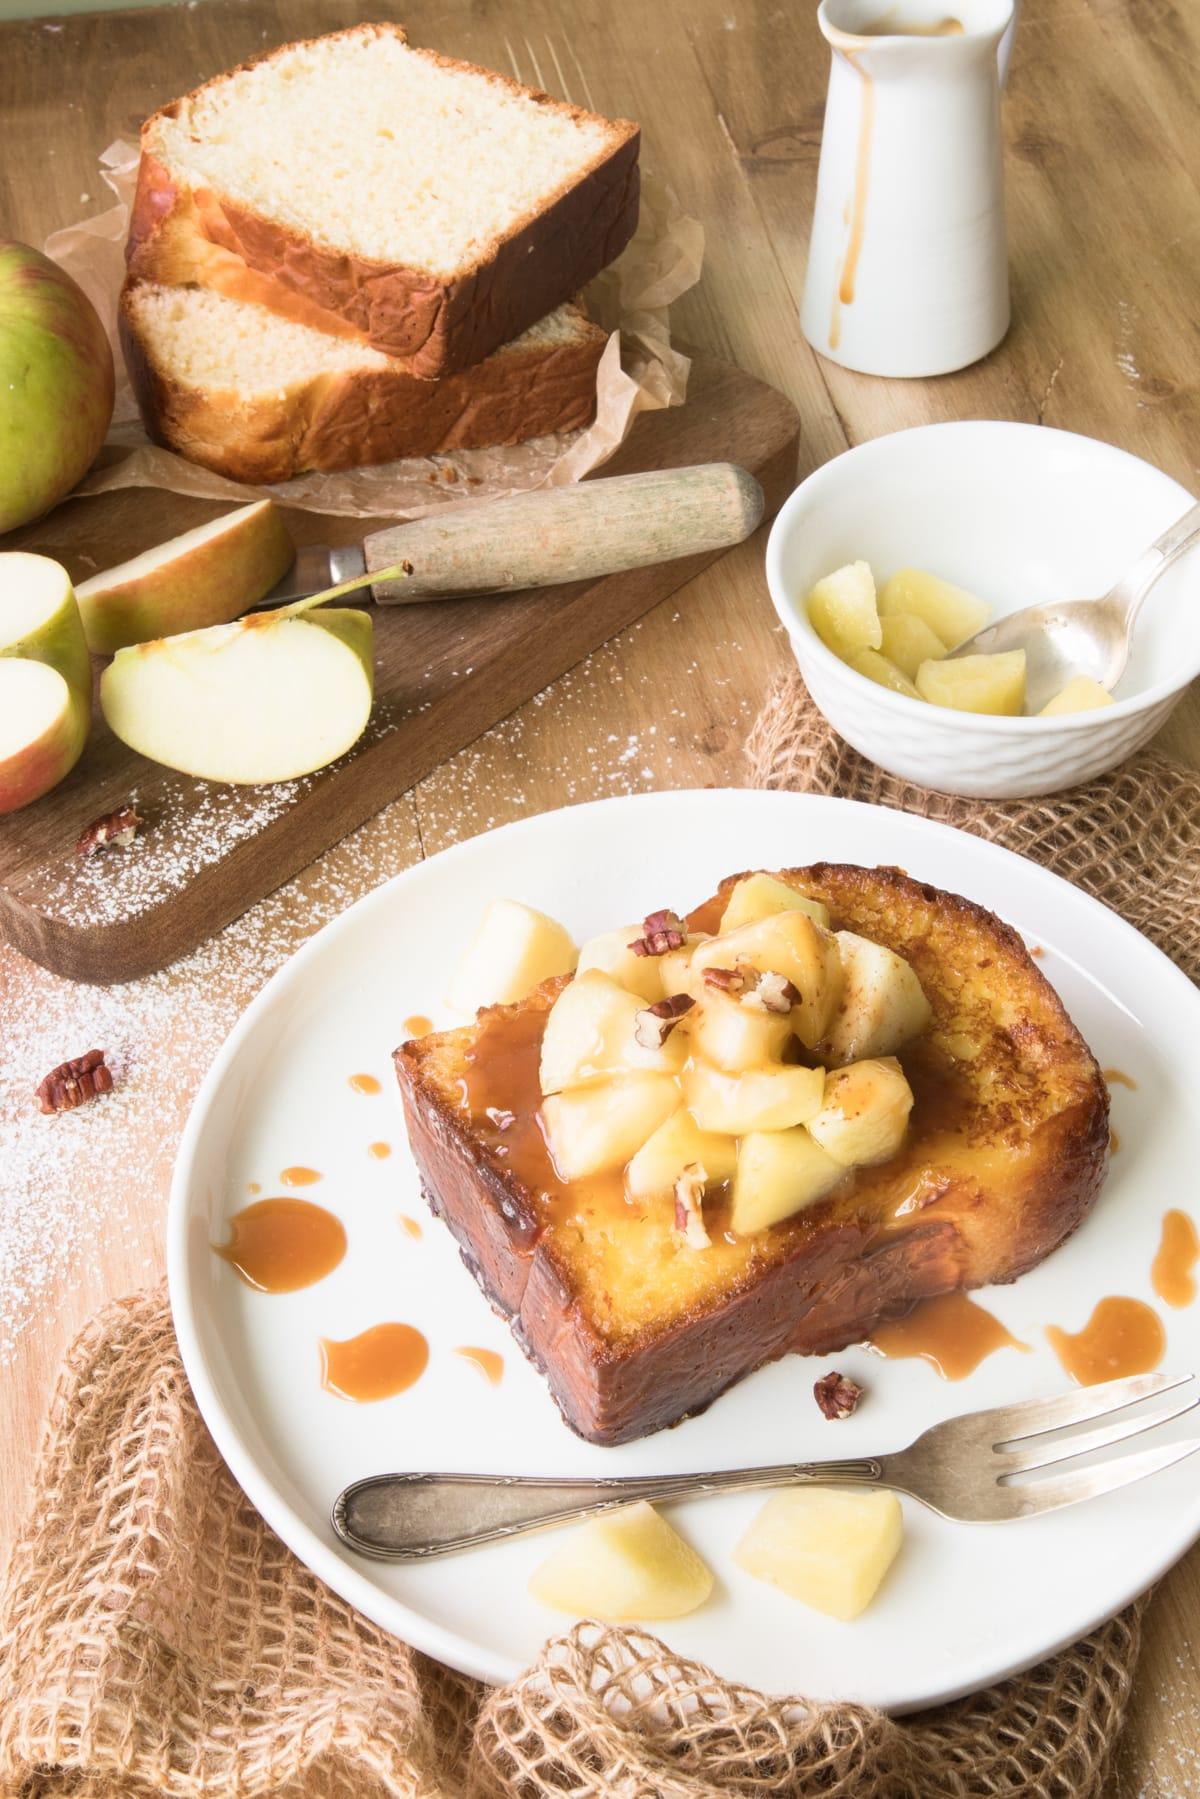 Pain perdu brioché aux pommes et au caramel au beurre salé